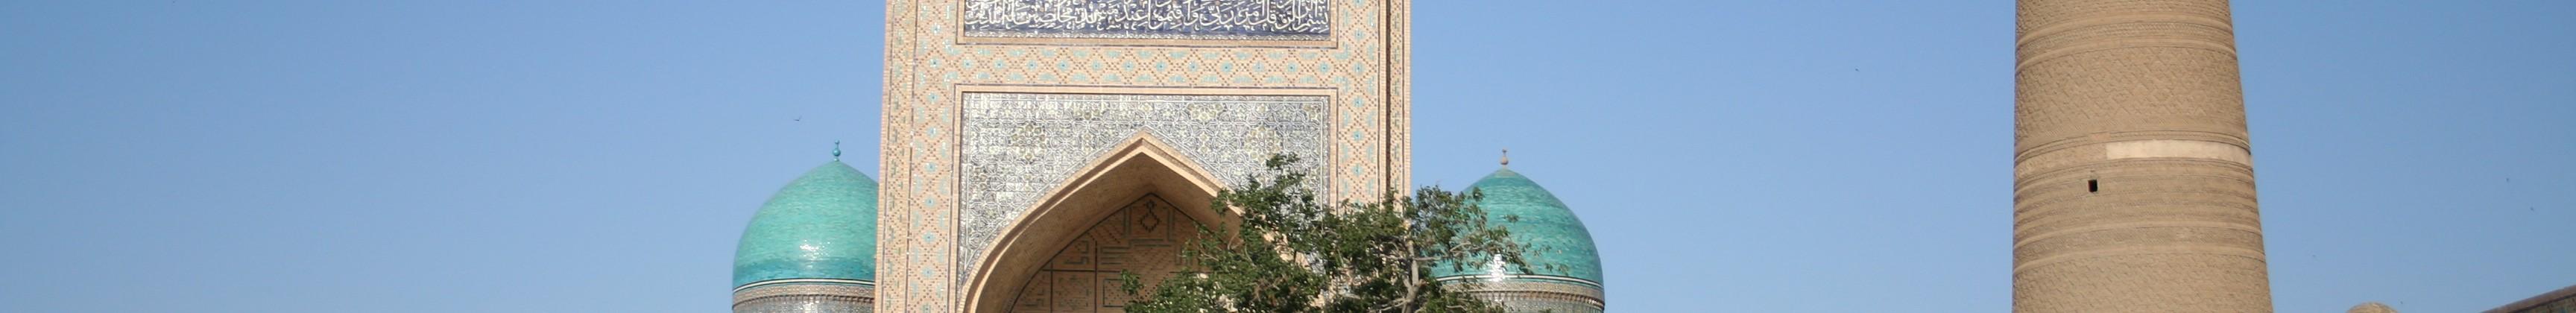 Kalyan Minaret - 1